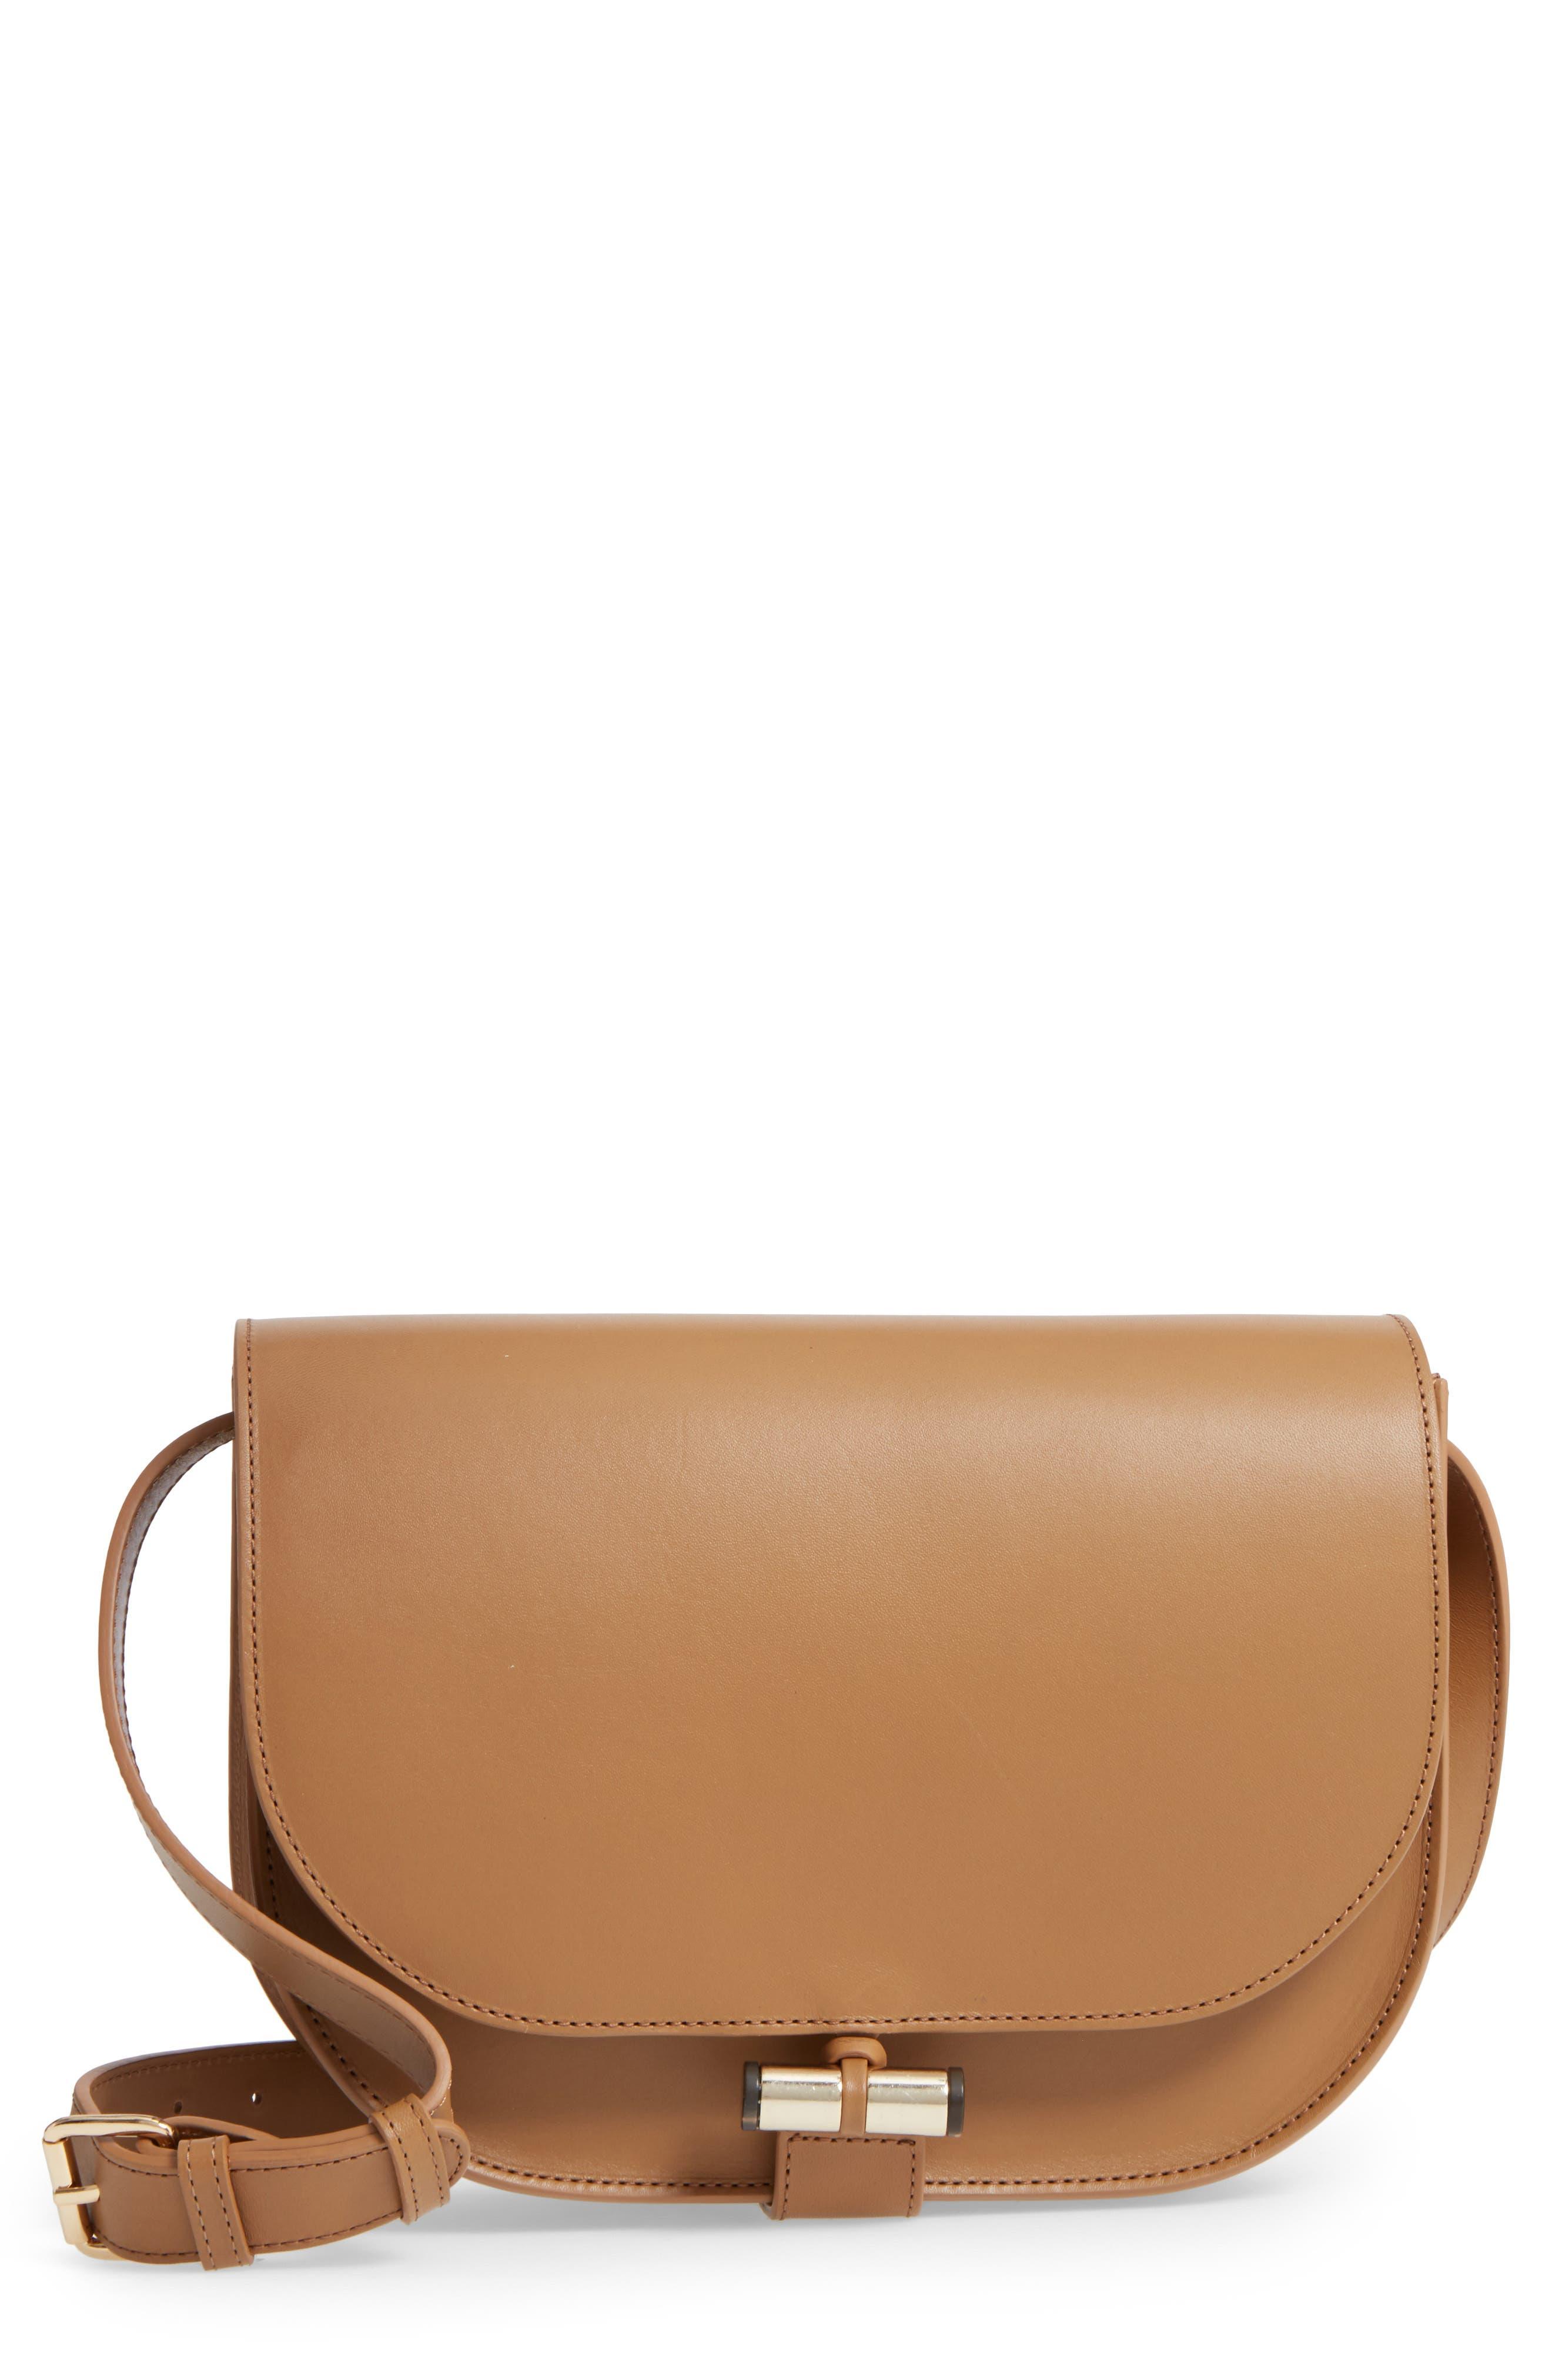 A.P.C. June Calfskin Leather Shoulder Bag